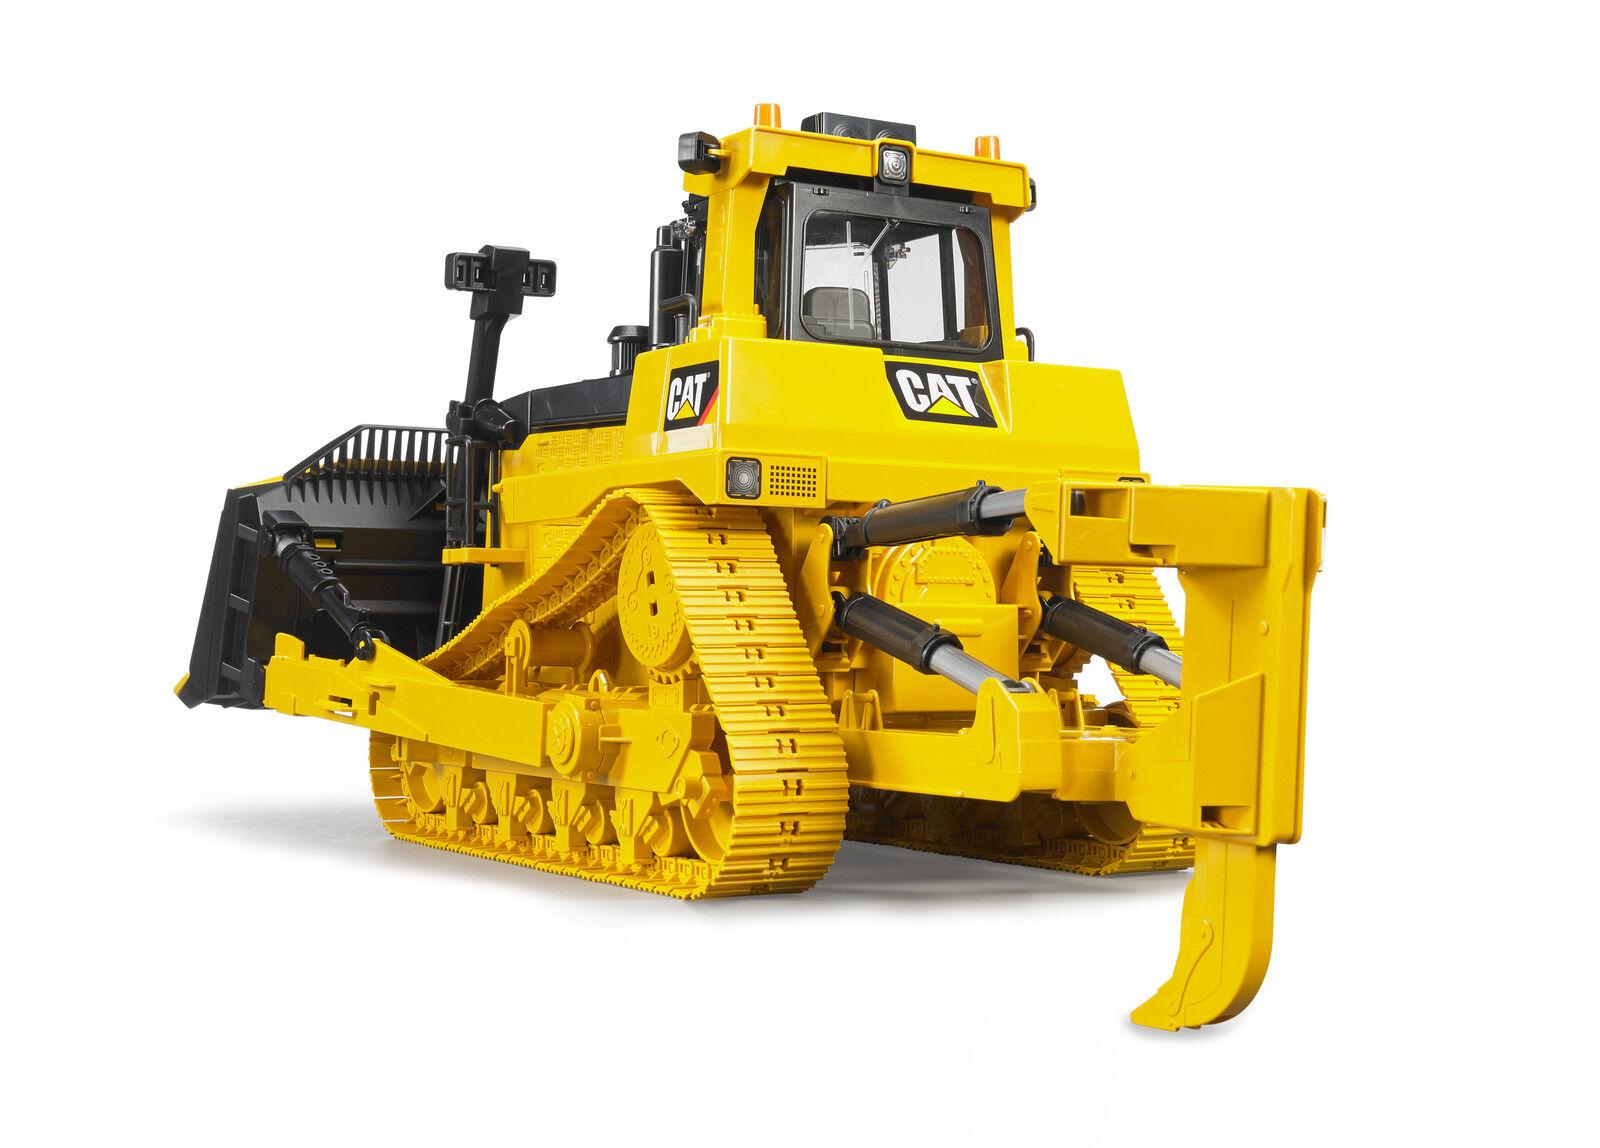 54 cm 5047142 Neu BRUDER 02452 CAT großer Kettendozer Spielzeugautos